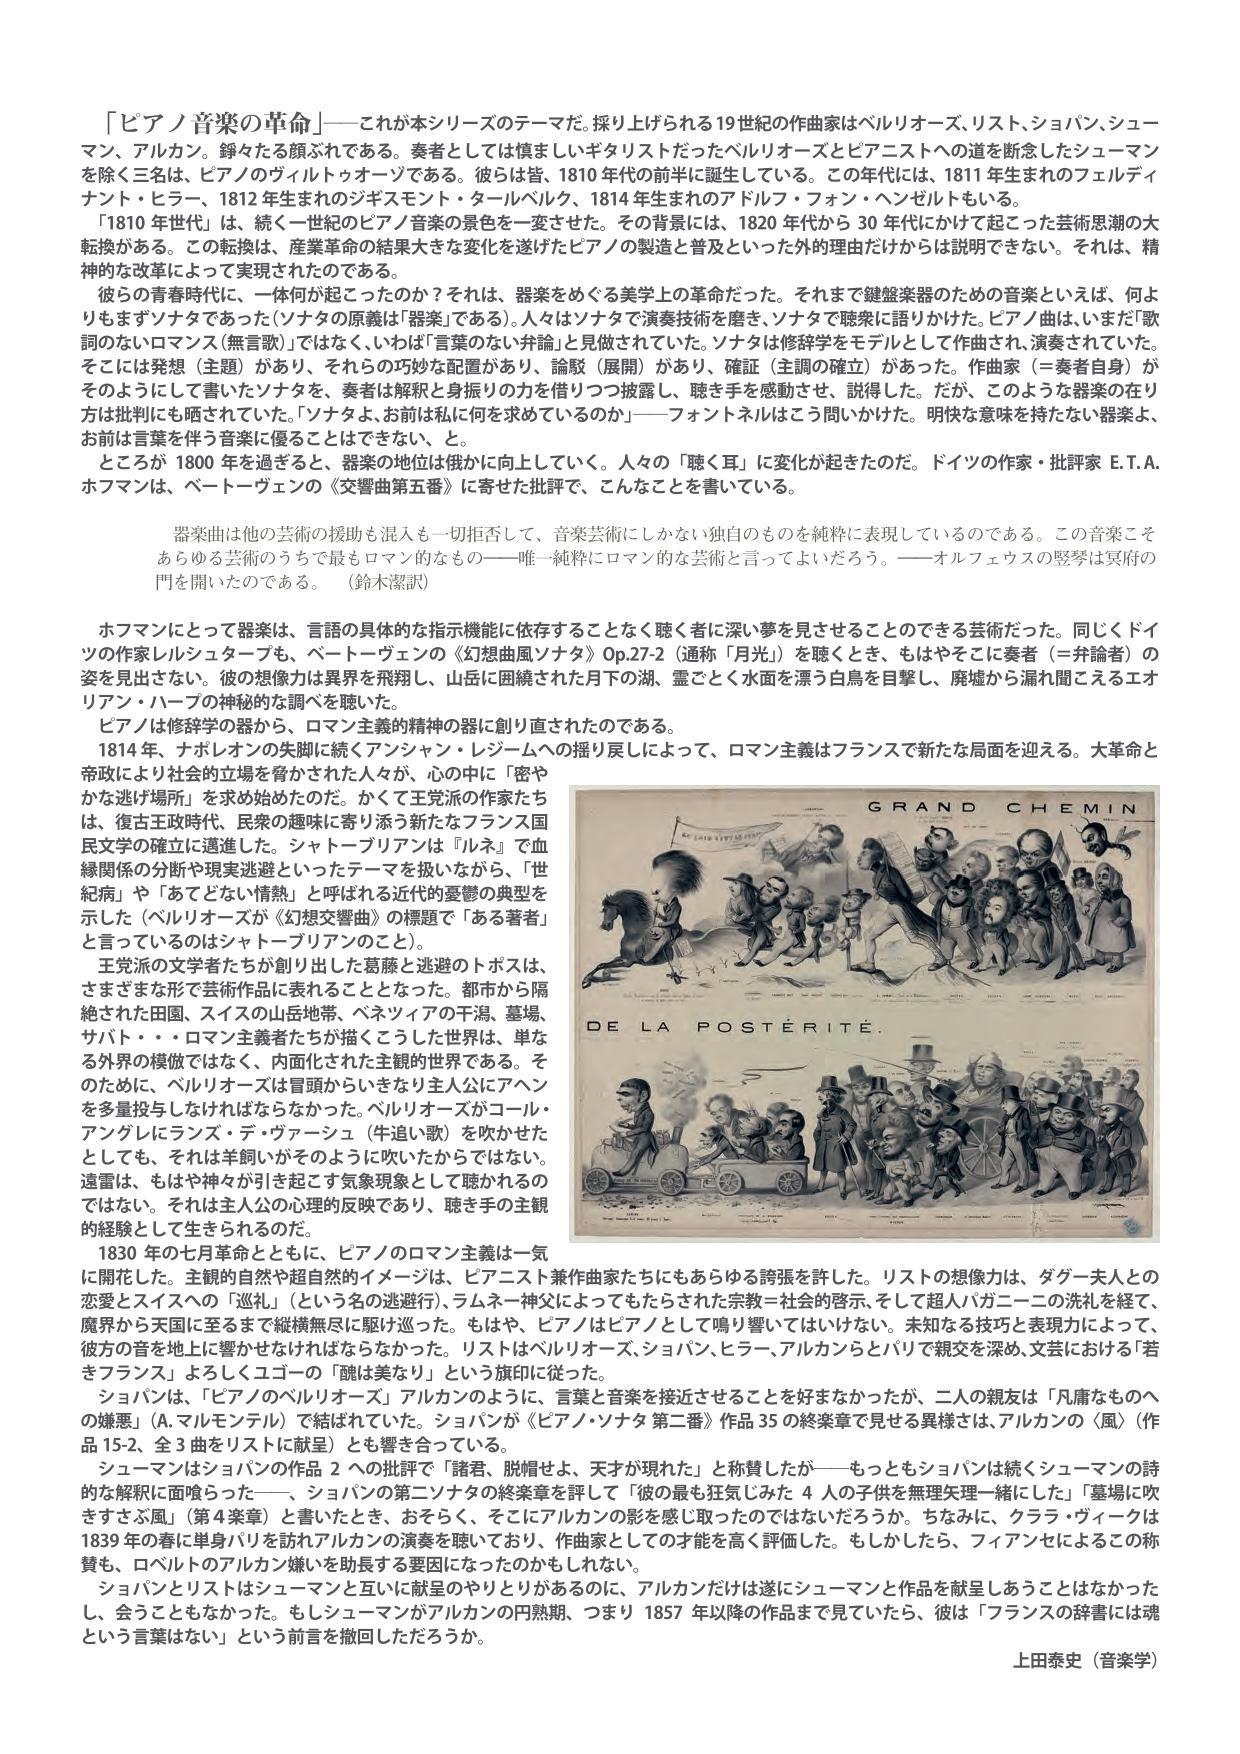 1843年製プレイエルによる《ピアノ音楽の革命》(全5回公演) (2021/02/19 update)_c0050810_14292136.jpg